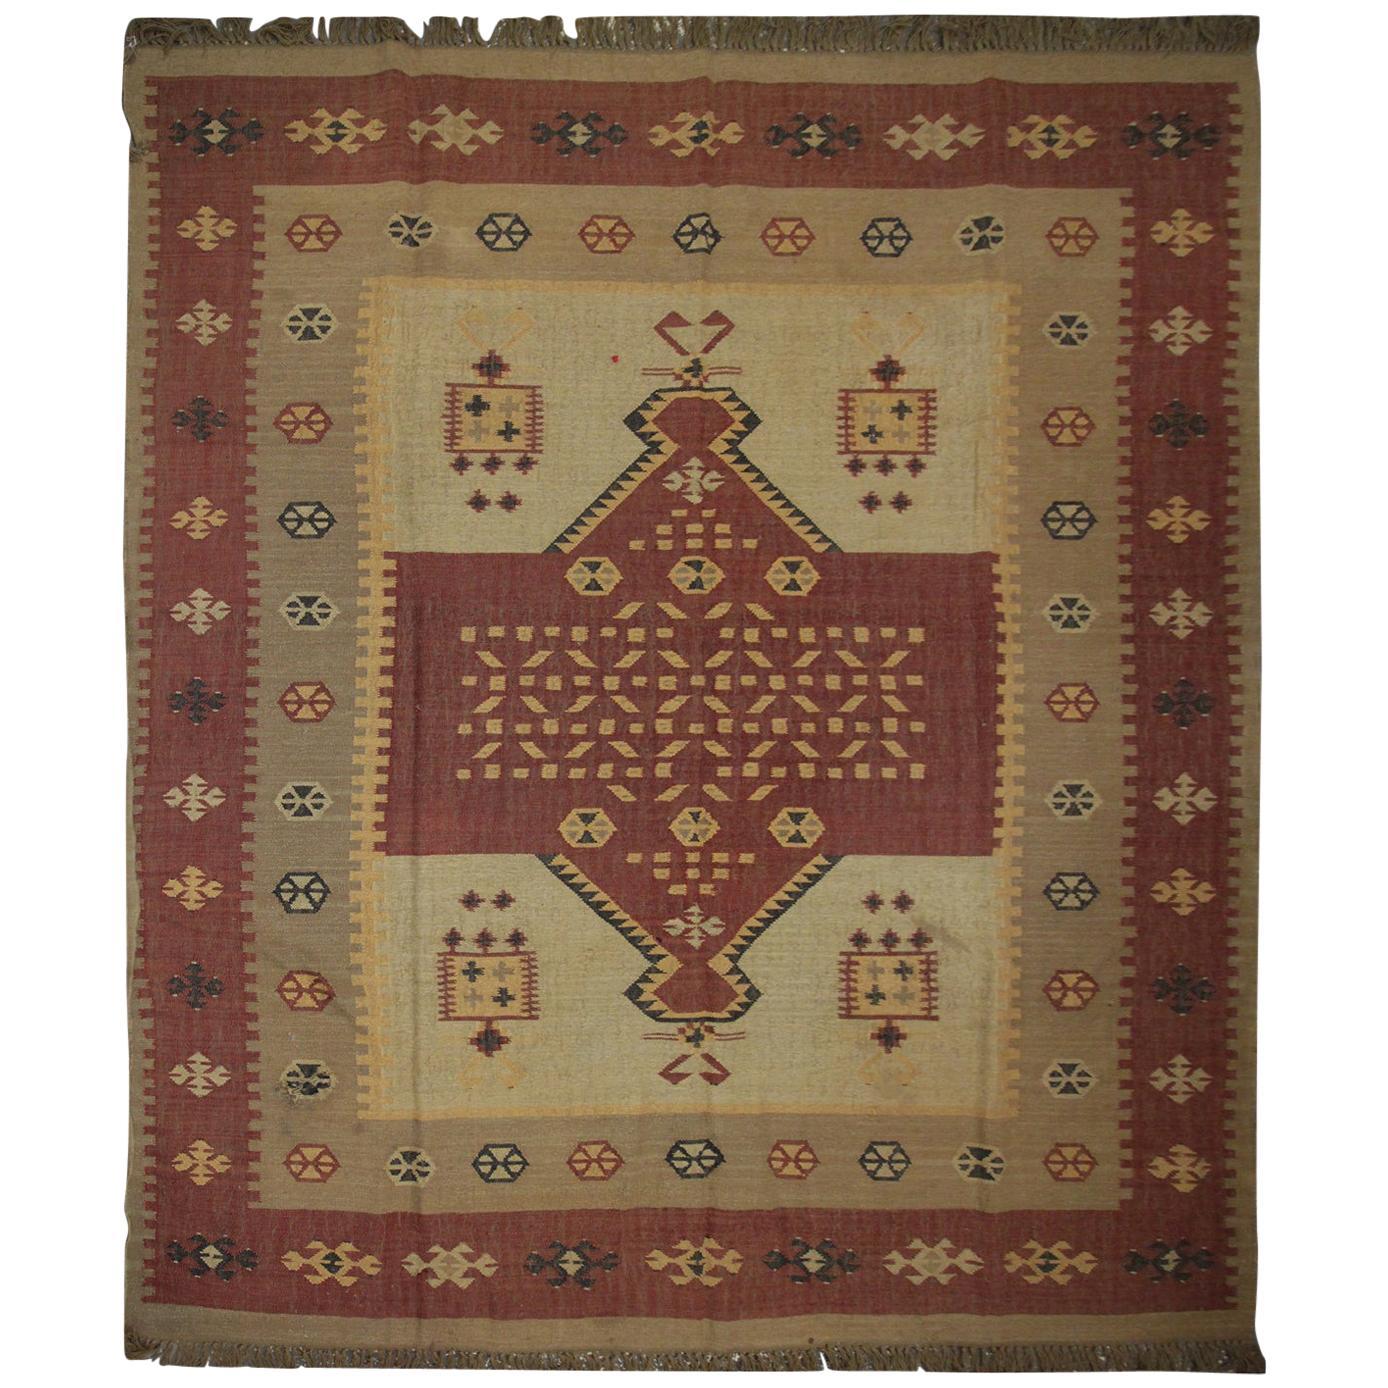 Handmade Vintage Indian Kilim Rug, Traditional Brown and Beige Wool Area Rug